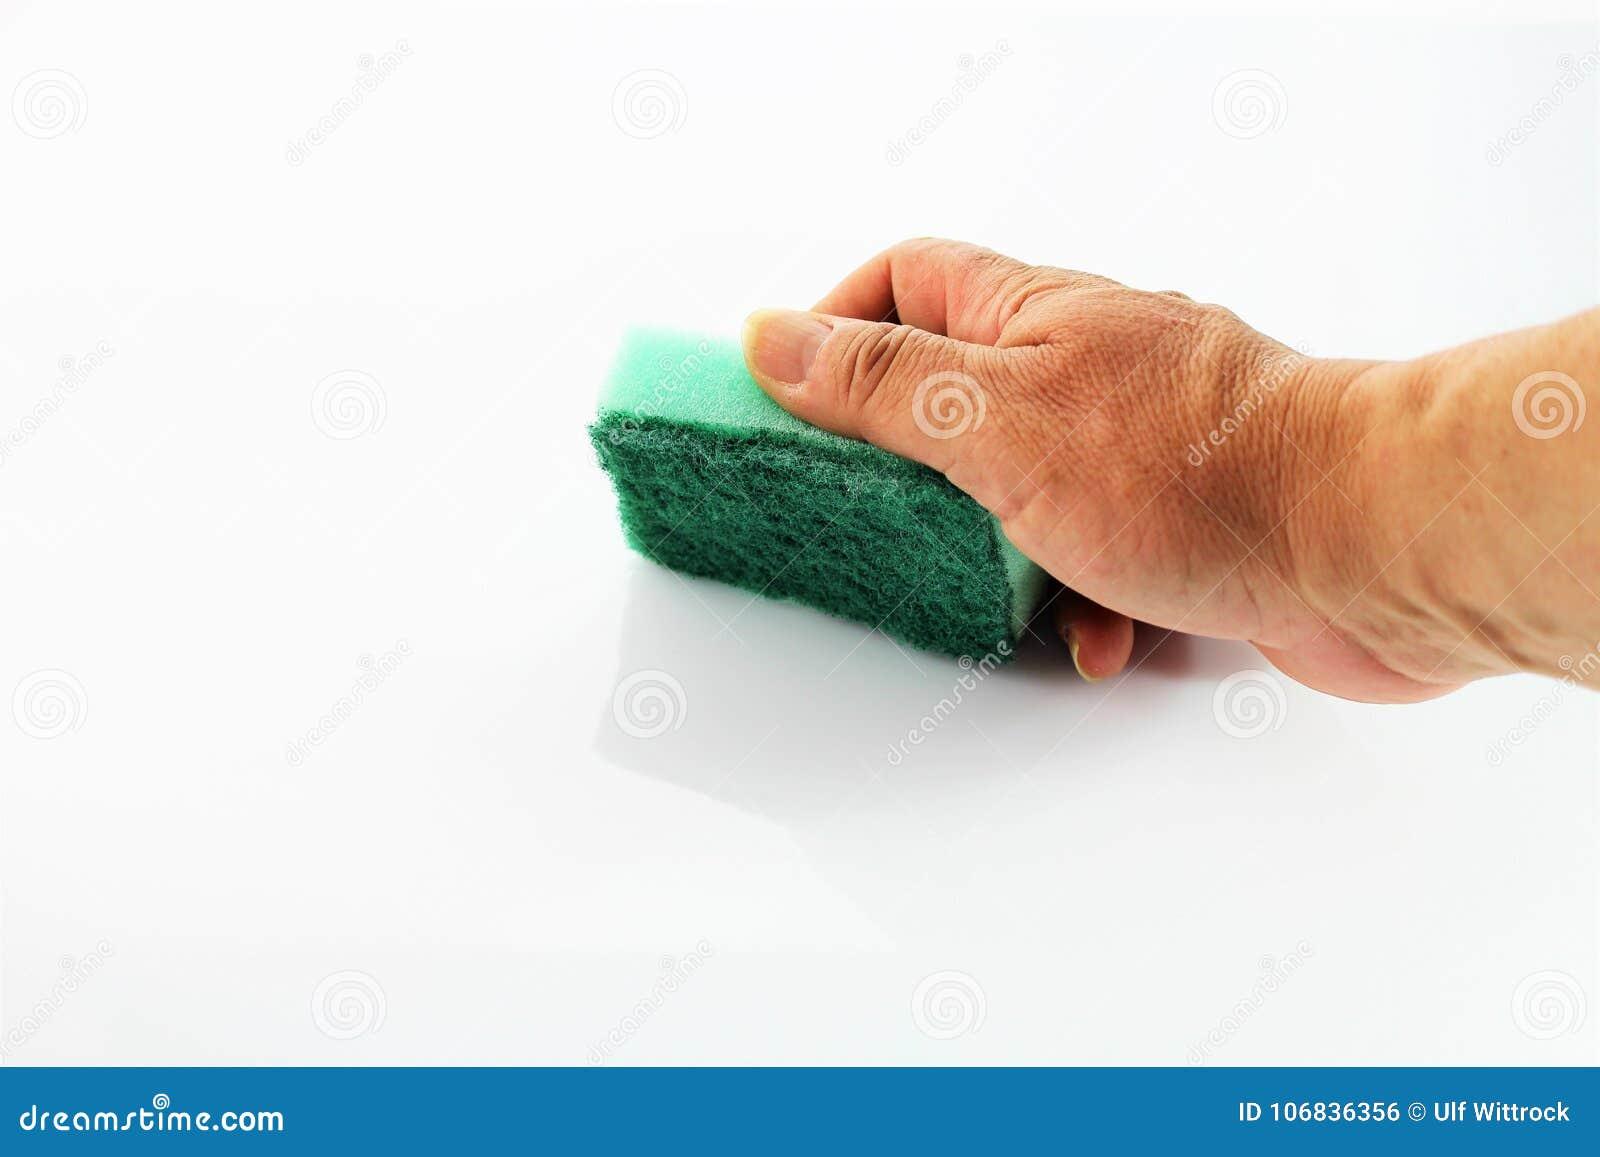 Een beeld van het schoonmaken van een oppervlakte - versies van de huishouden de Verschillende kleur